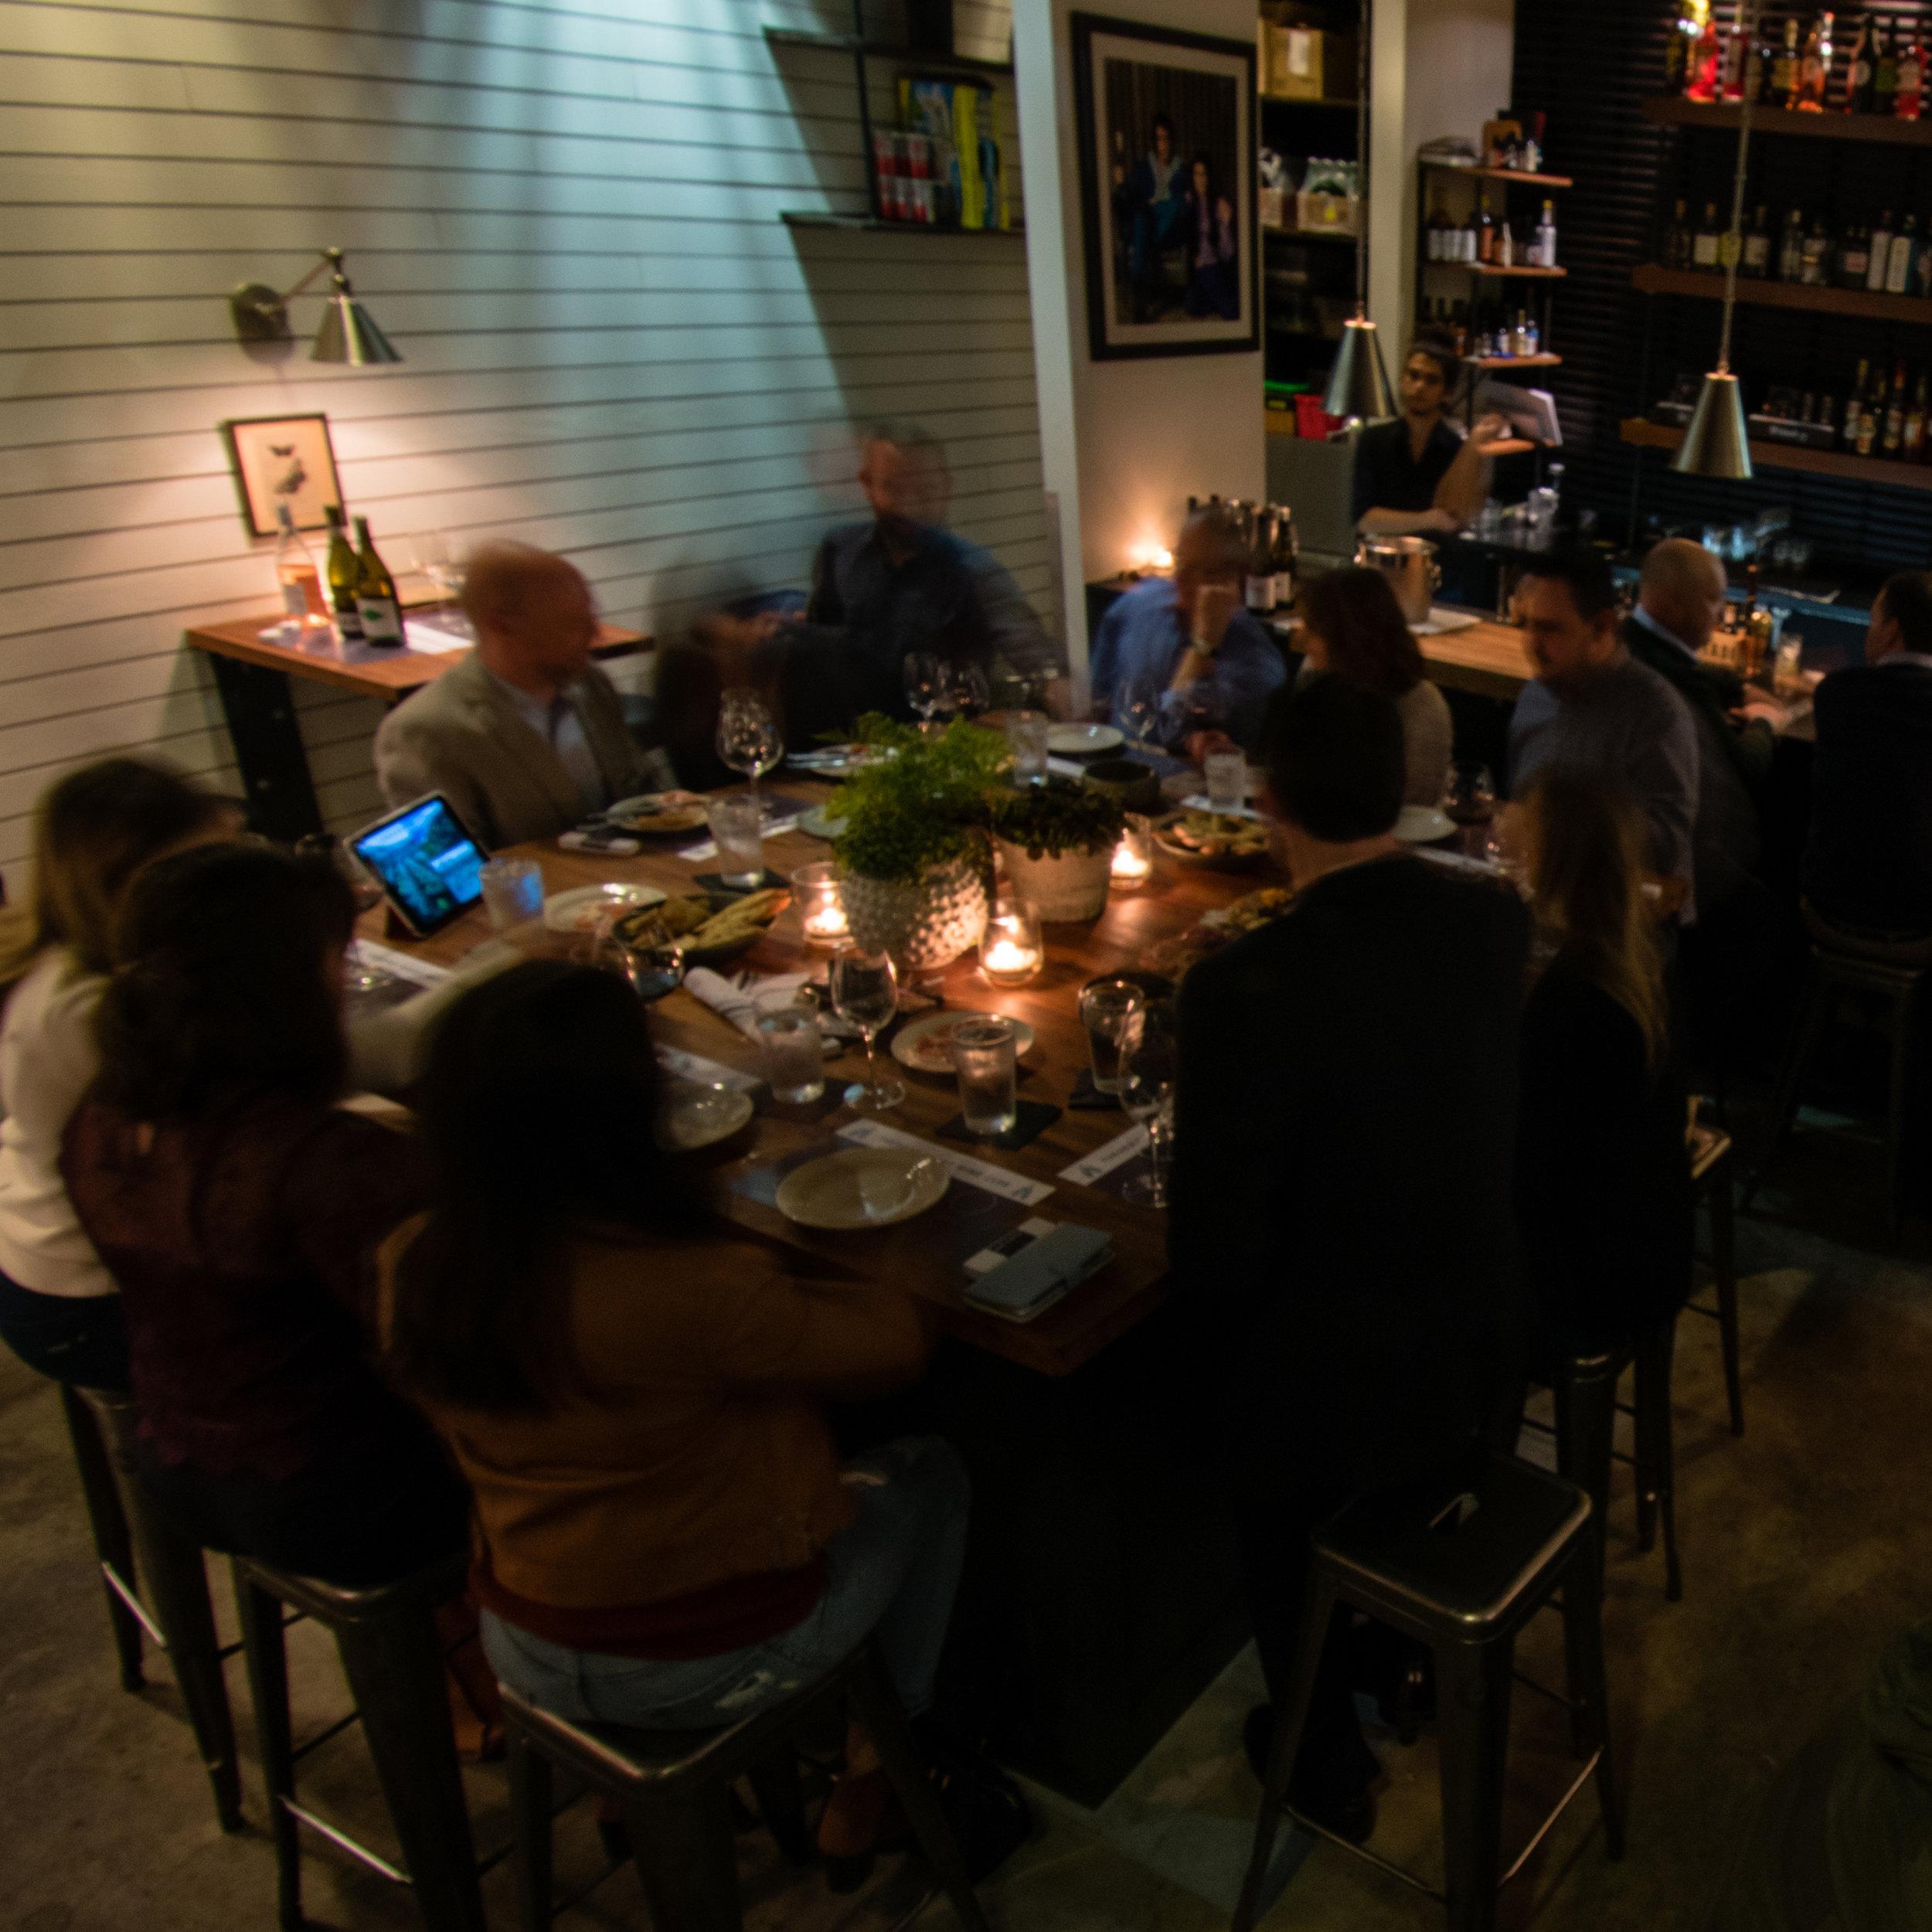 010918 HFPH Wine Club-1.jpg